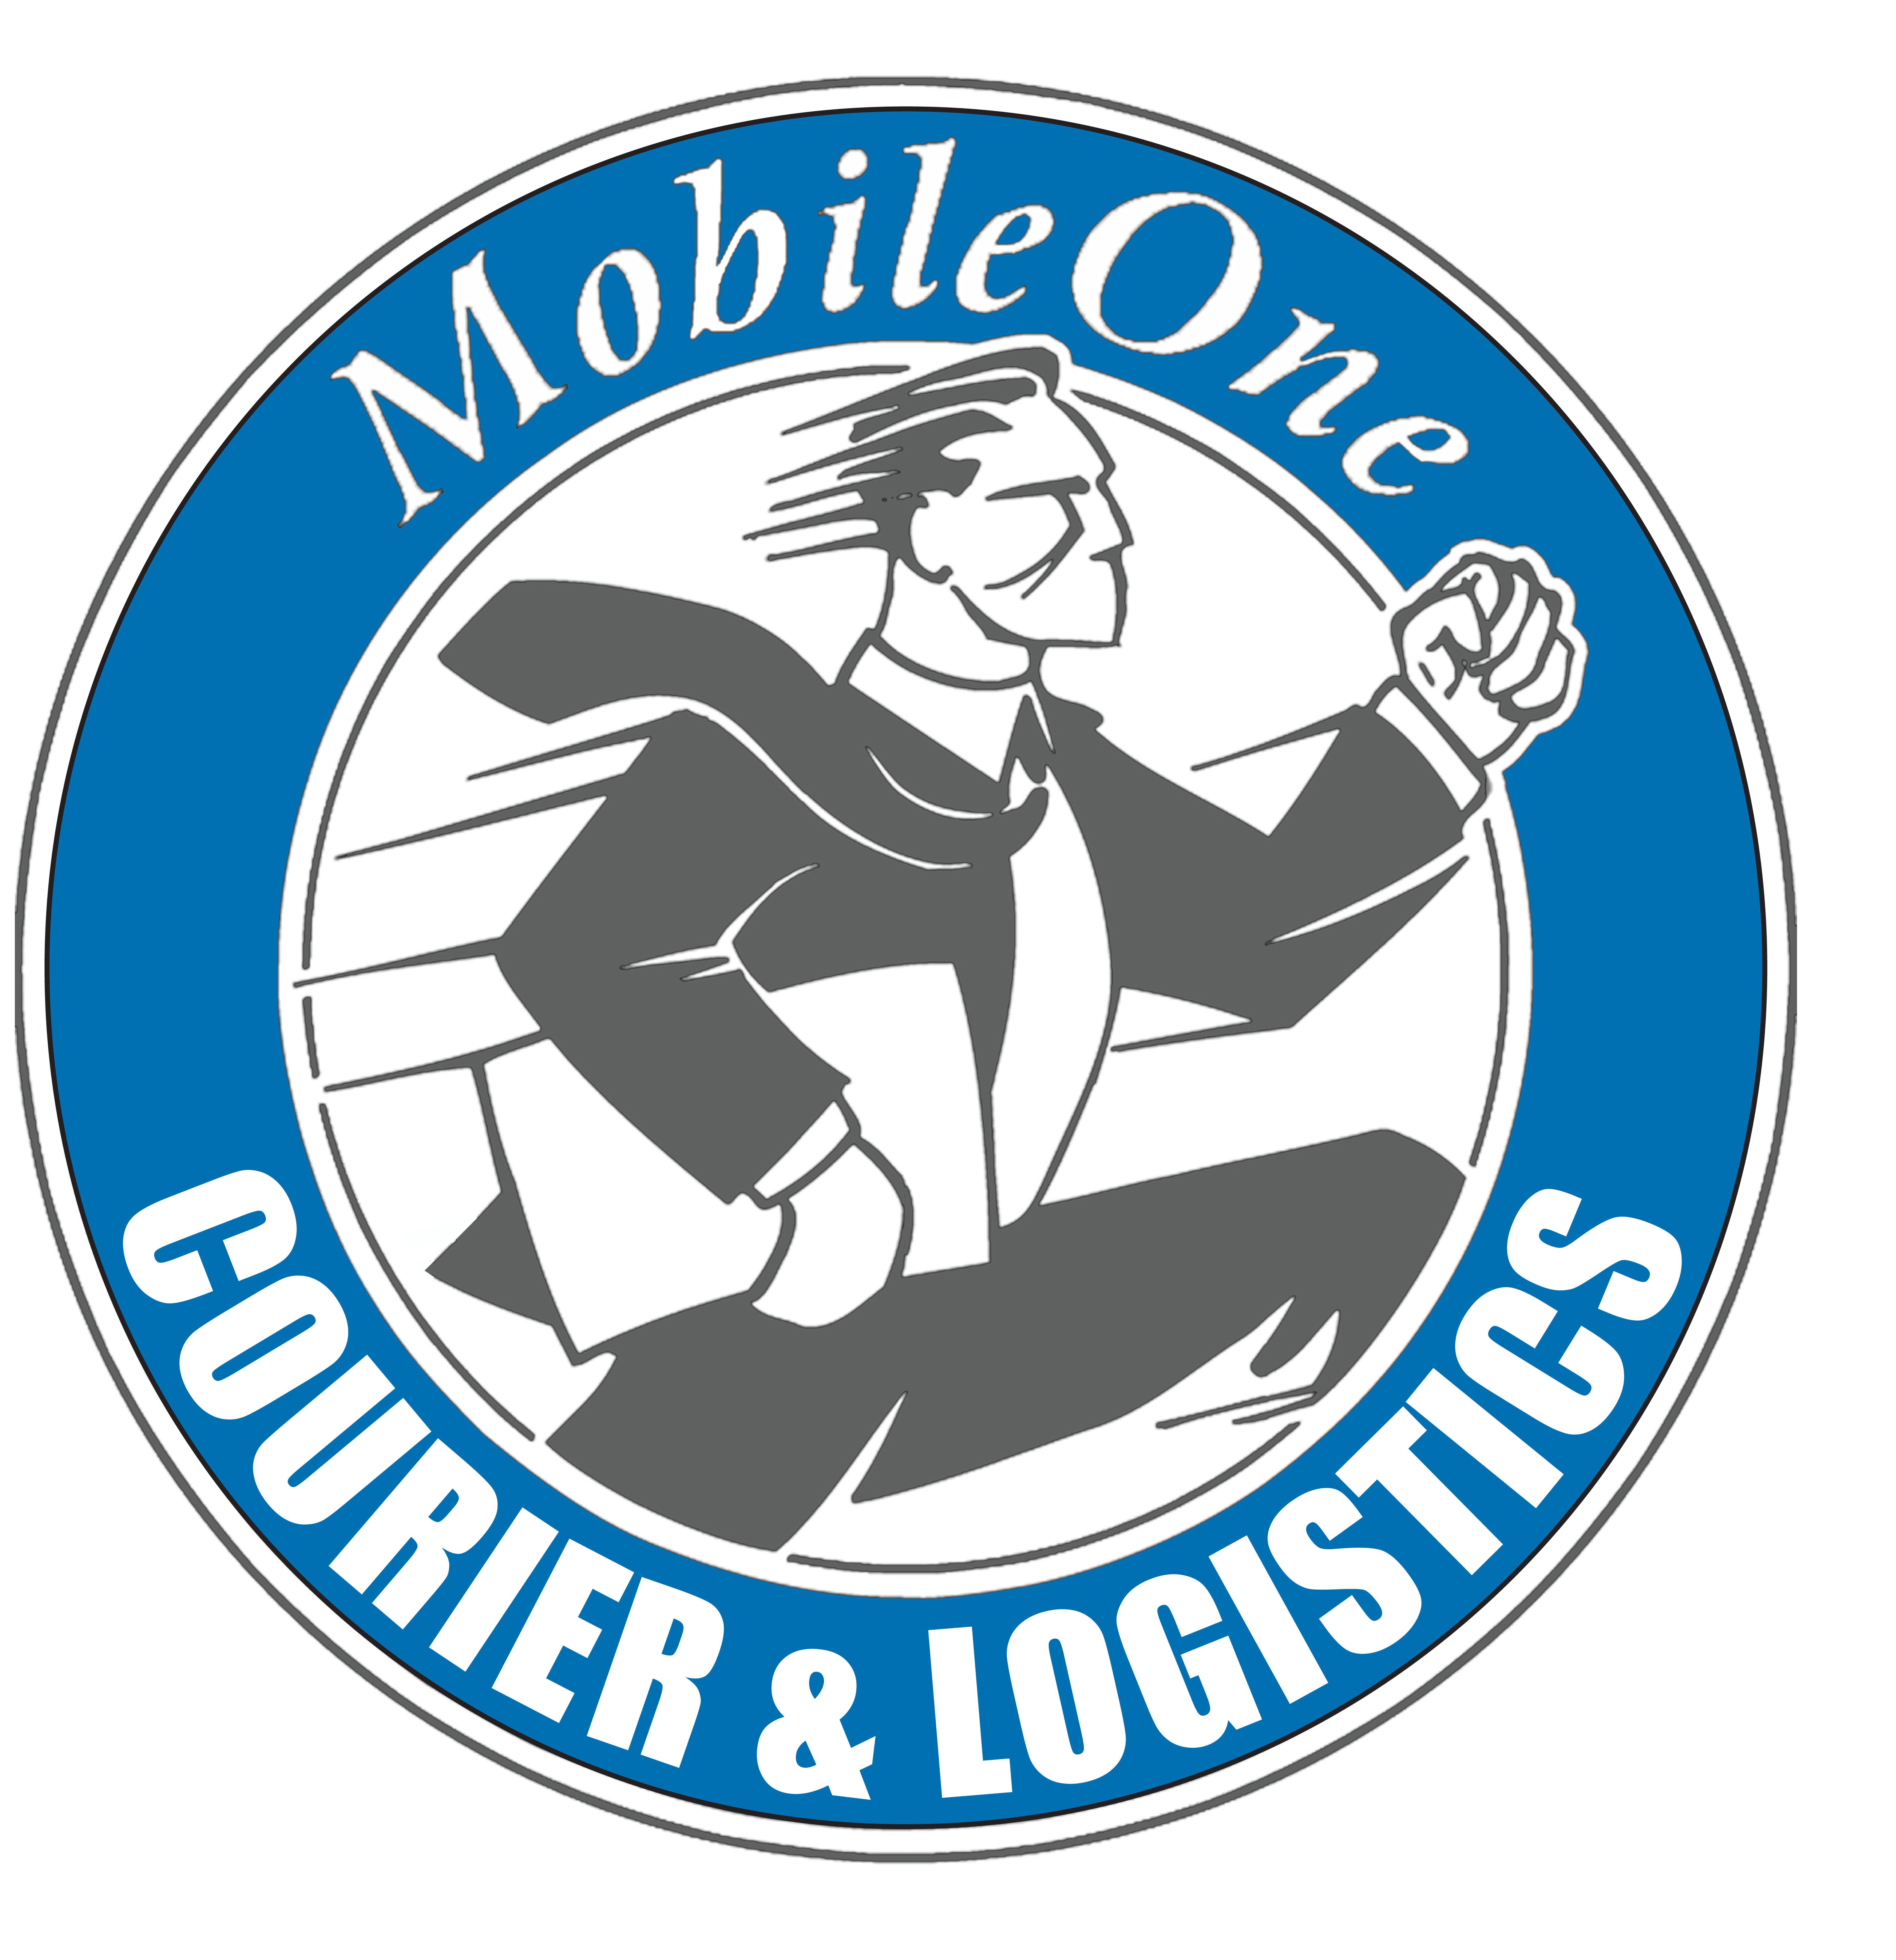 Mobile One Courier & Logistics logo